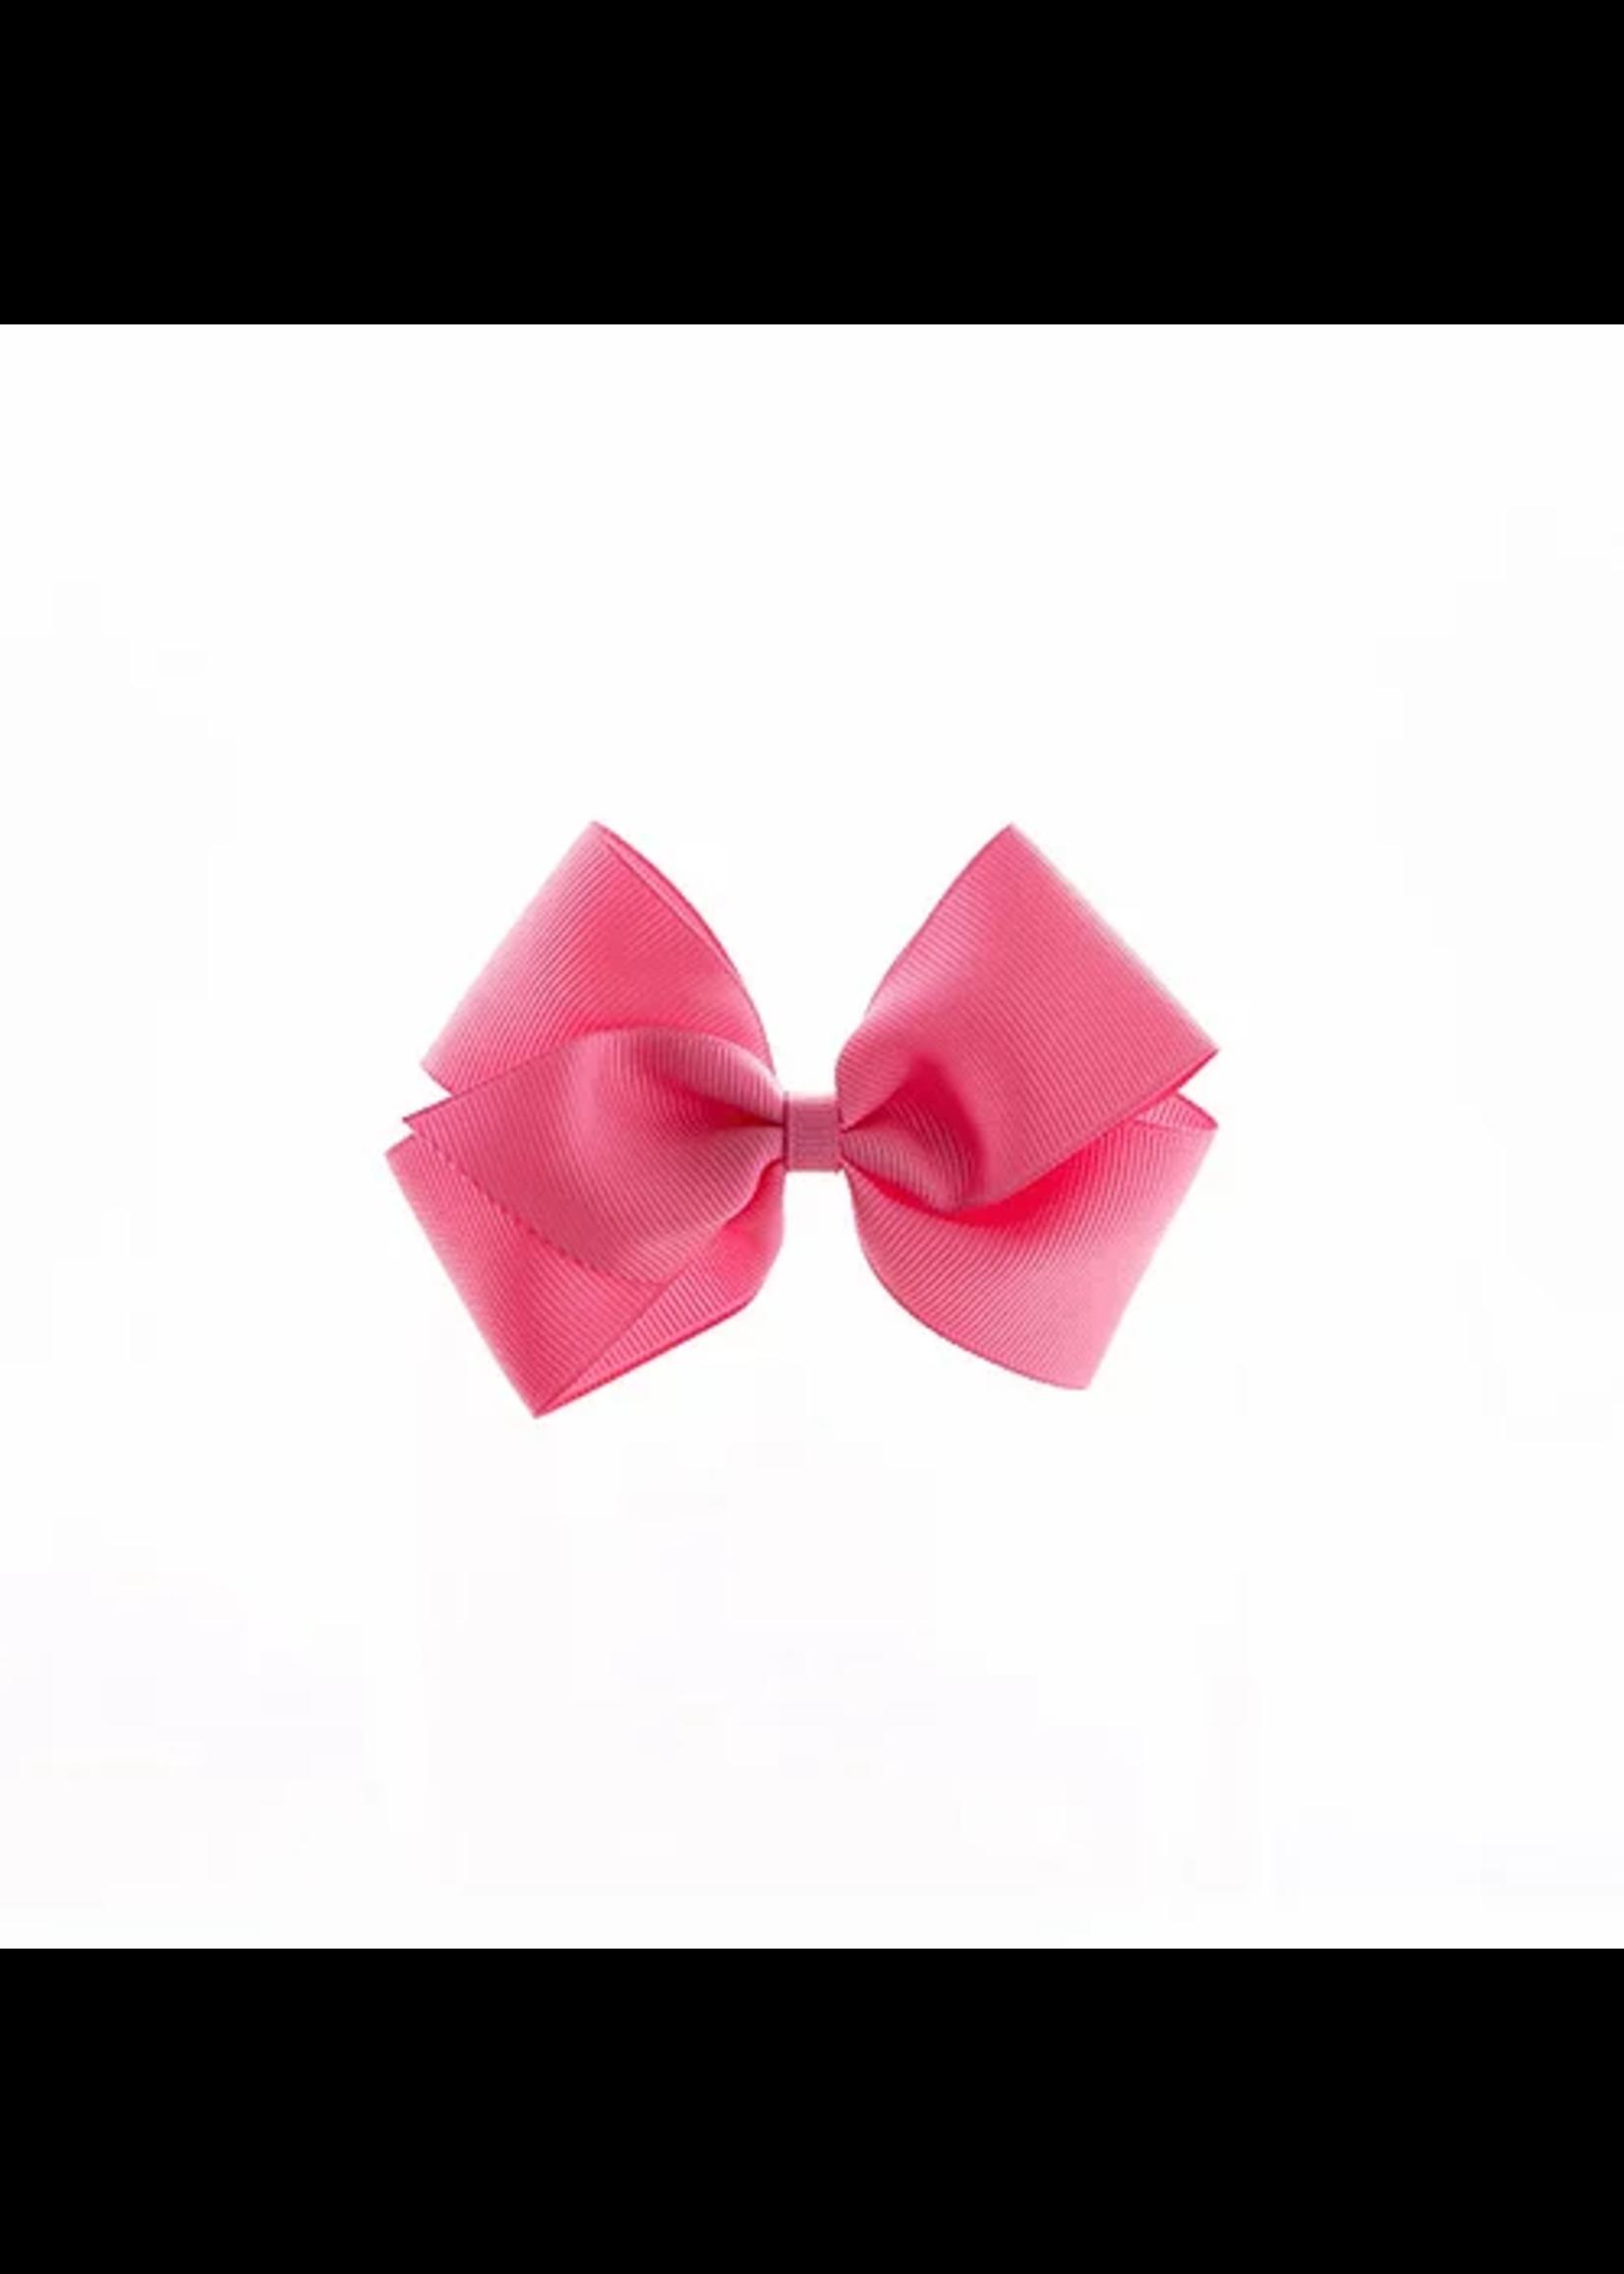 olilia Olilia Medium London Bow (Hot Pink)